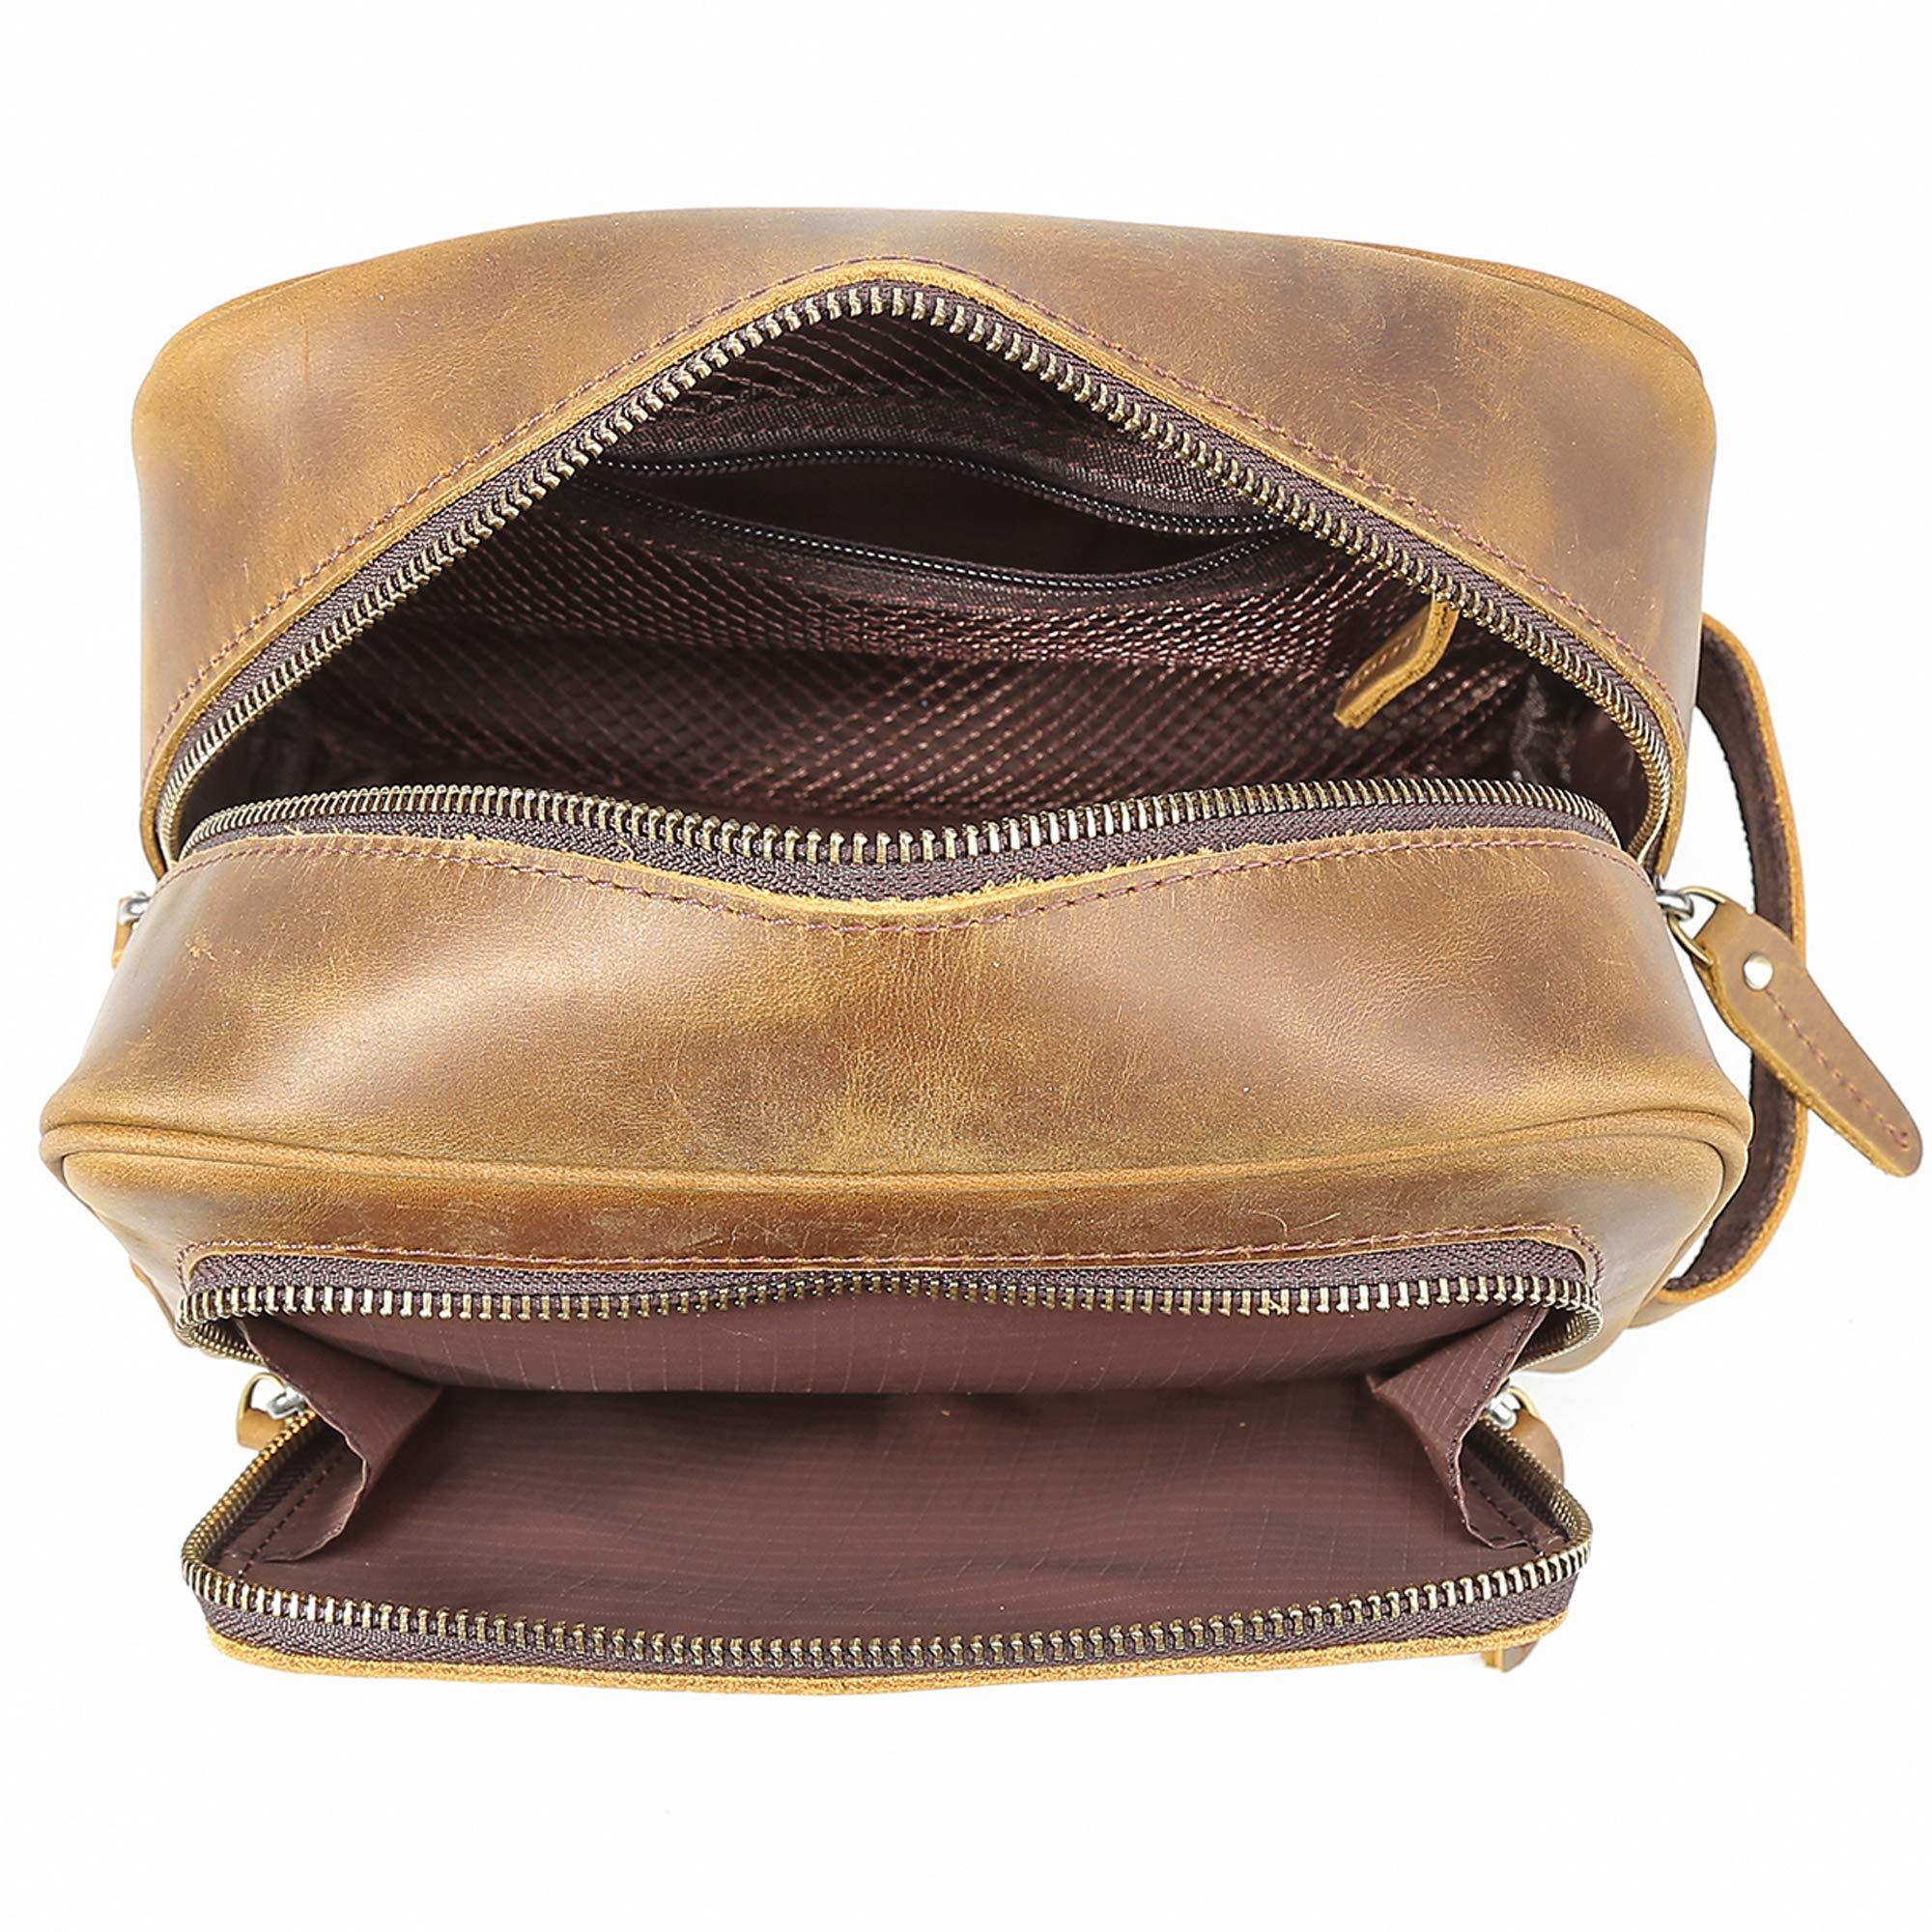 Polare Vintage Full Grain Leather Handmade Travel Toiletry Bag for Men - Dopp Kit - Shaving Kit by POLARE ORIGINAL (Image #9)